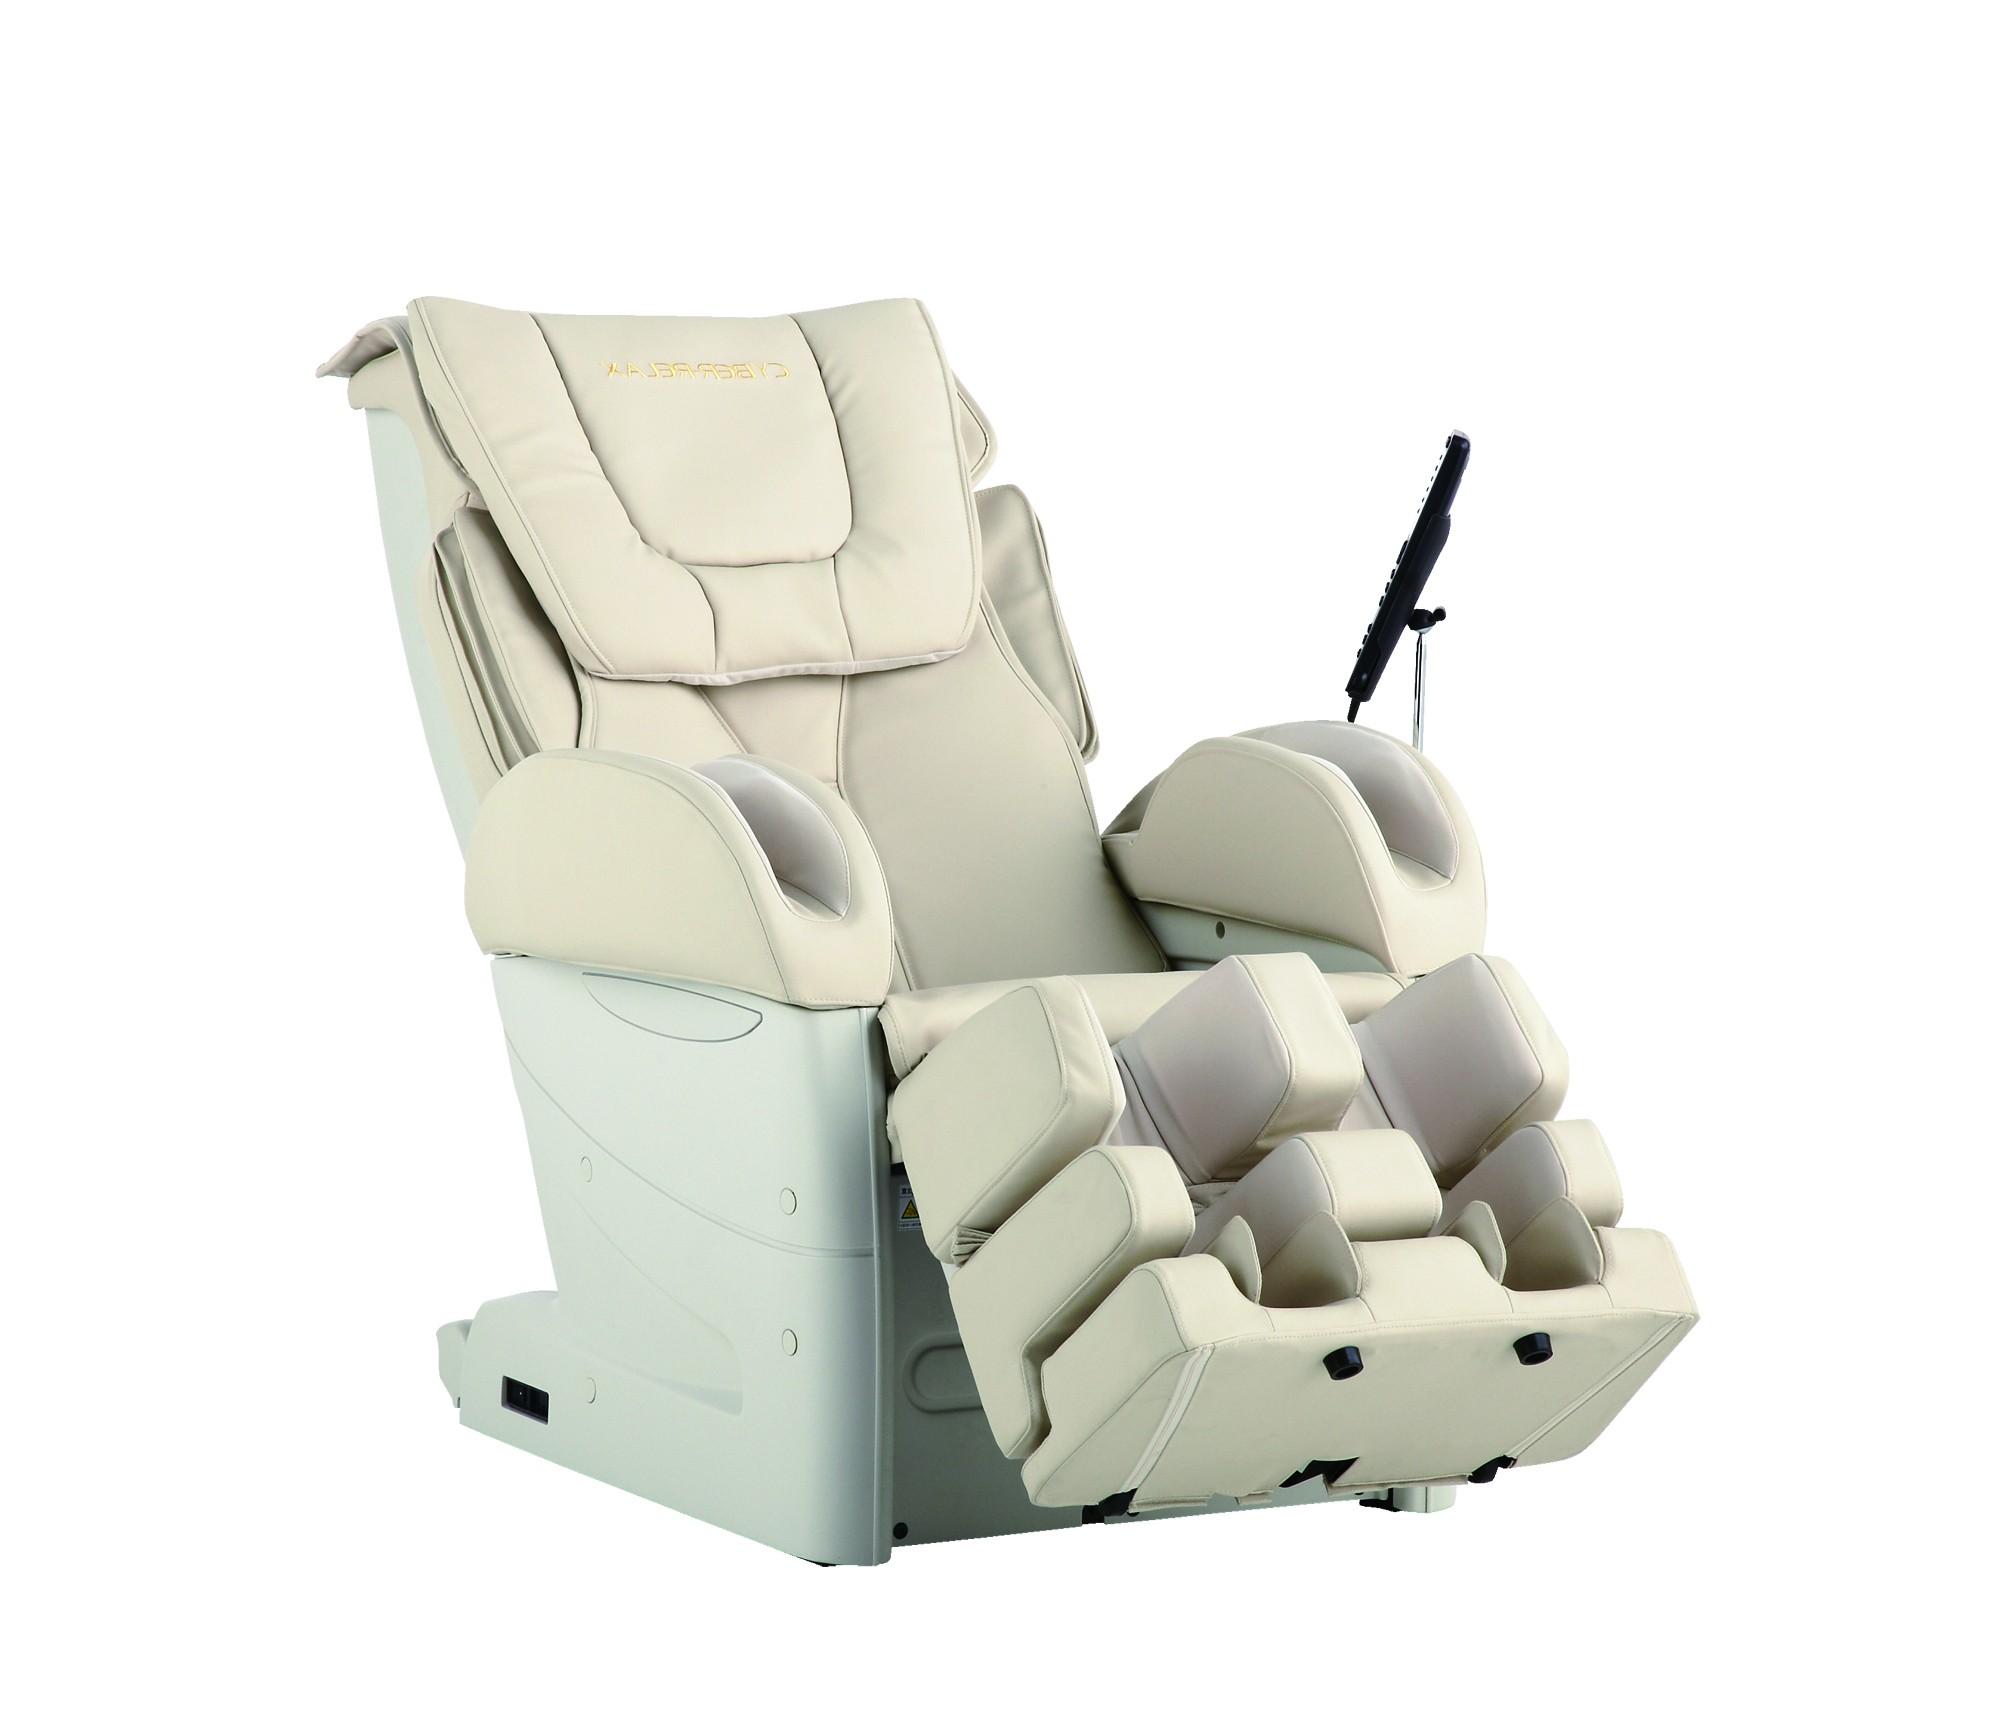 Fauteuil de massage Fujiiryoki EC 3800 3